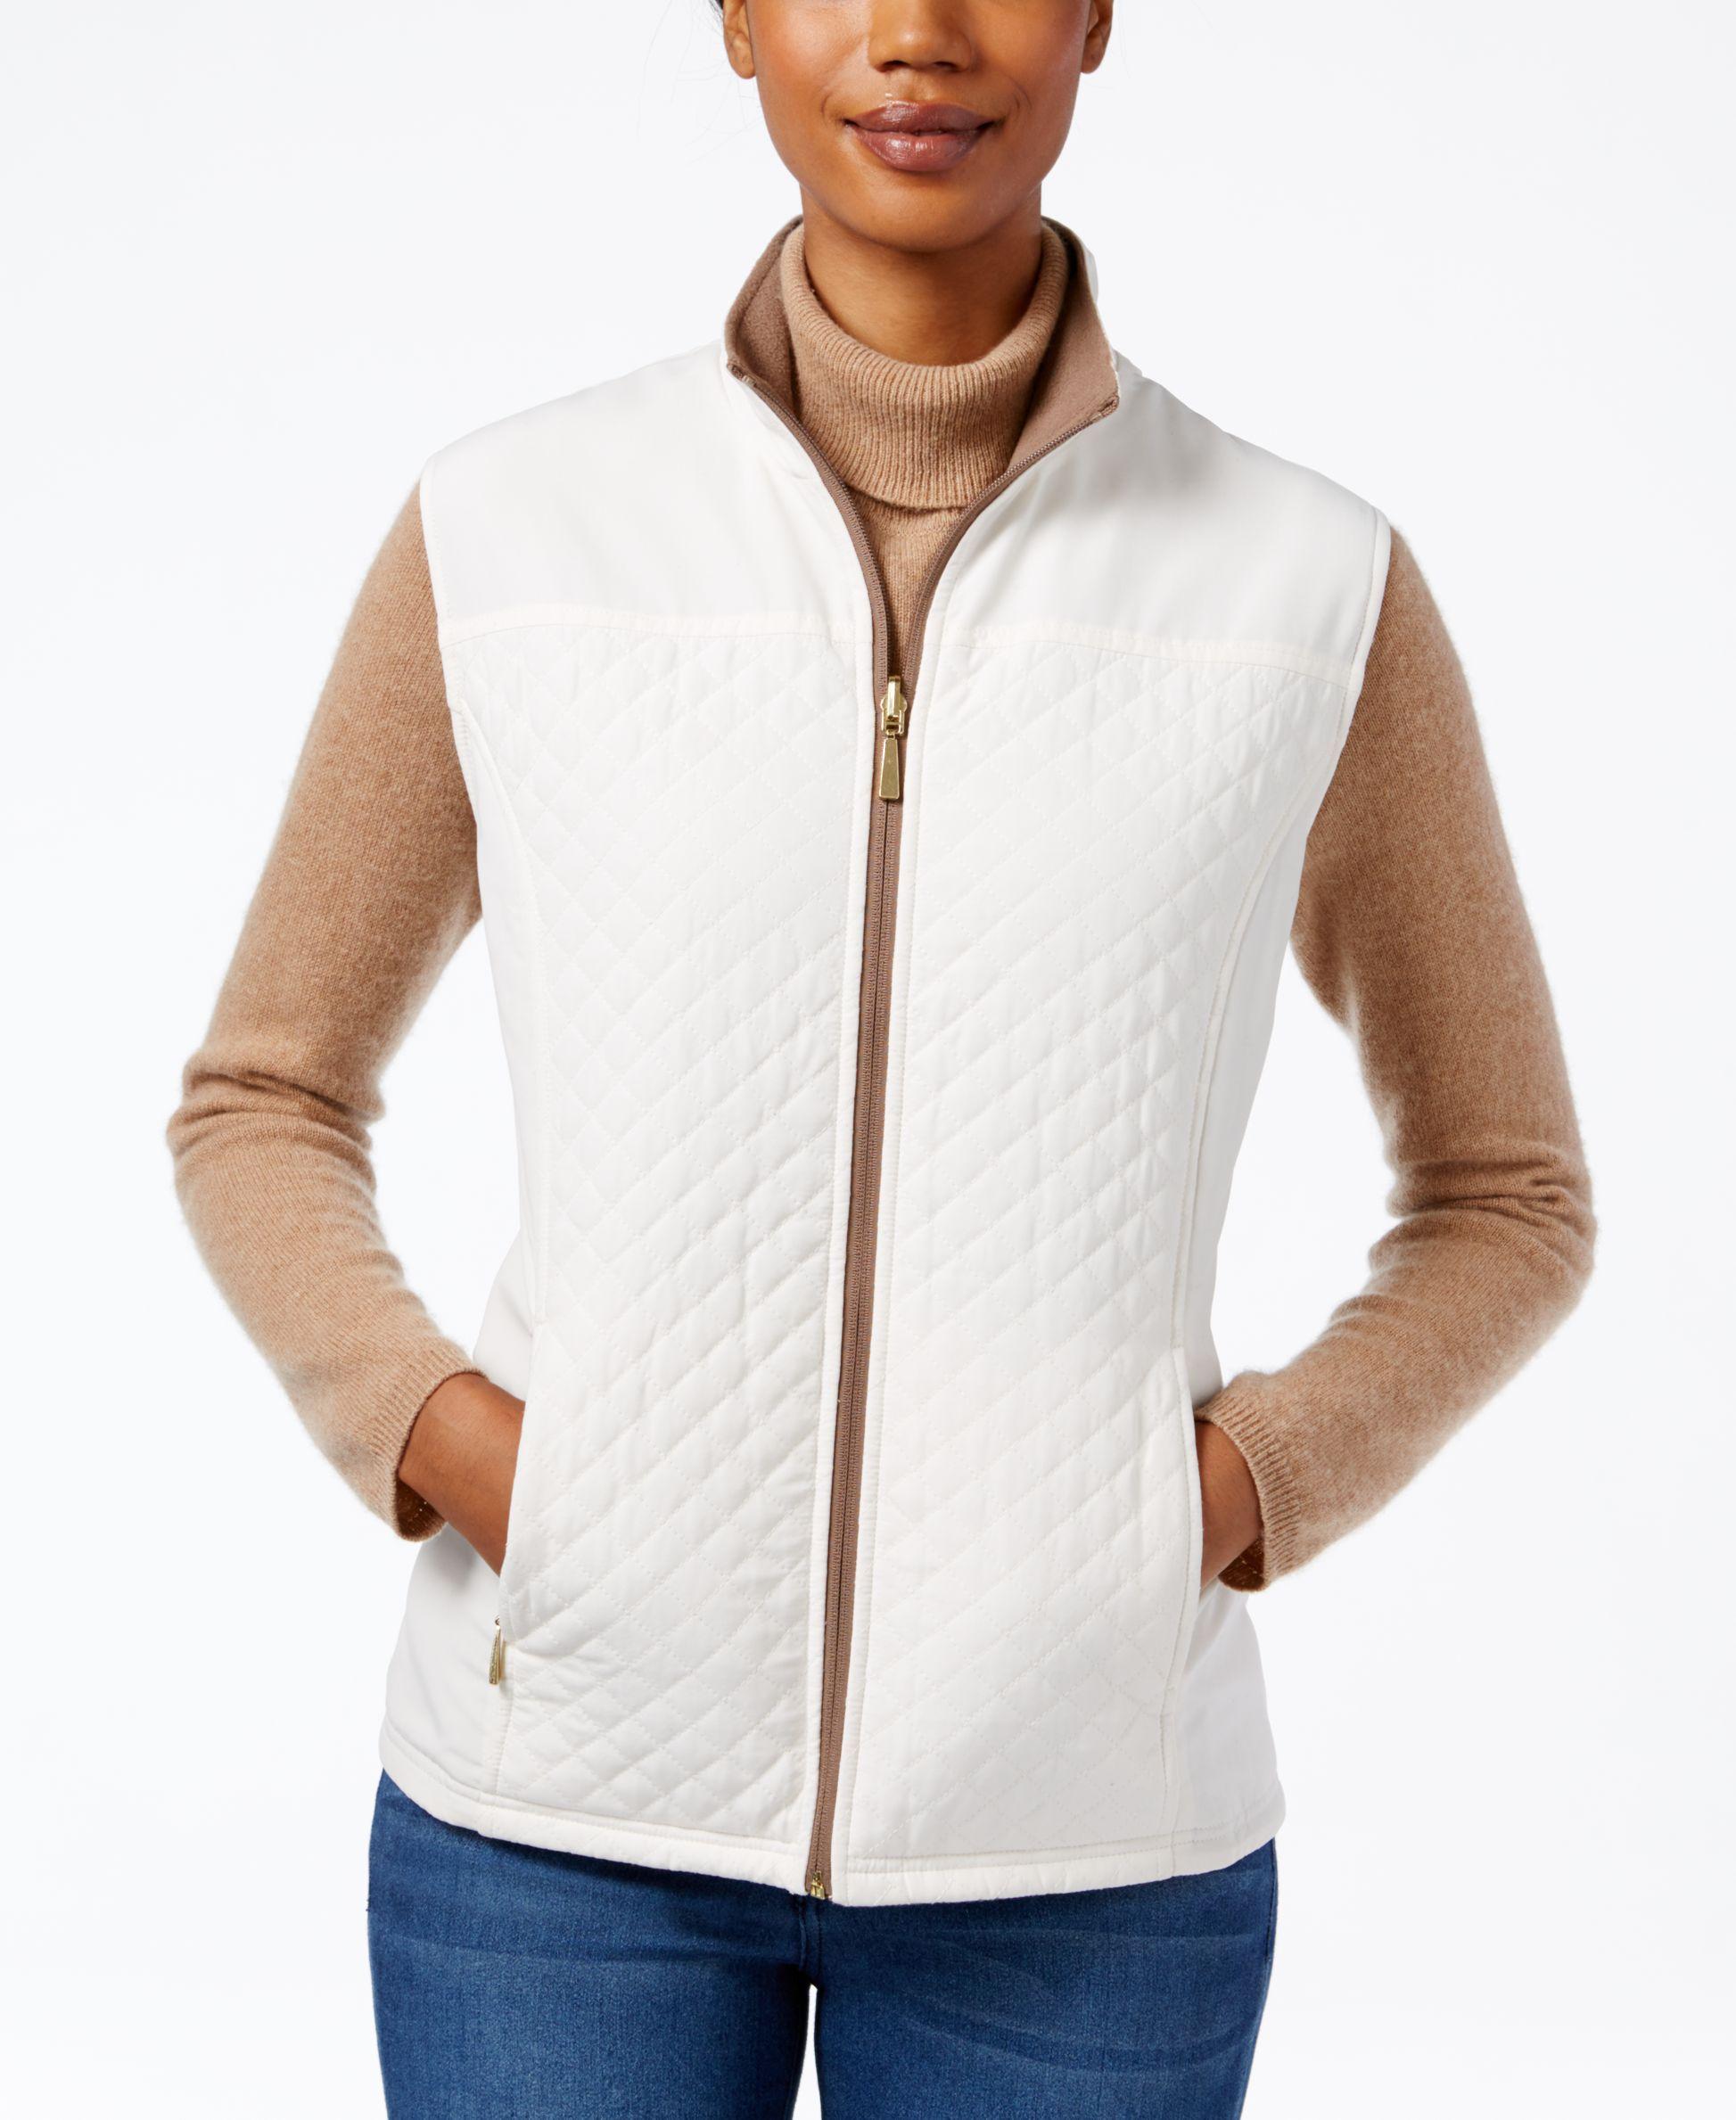 Karen Scott Reversible Fleece Vest Only At Macy S Blazer Jackets For Women Fleece Vest Clothes Design [ 2378 x 1947 Pixel ]